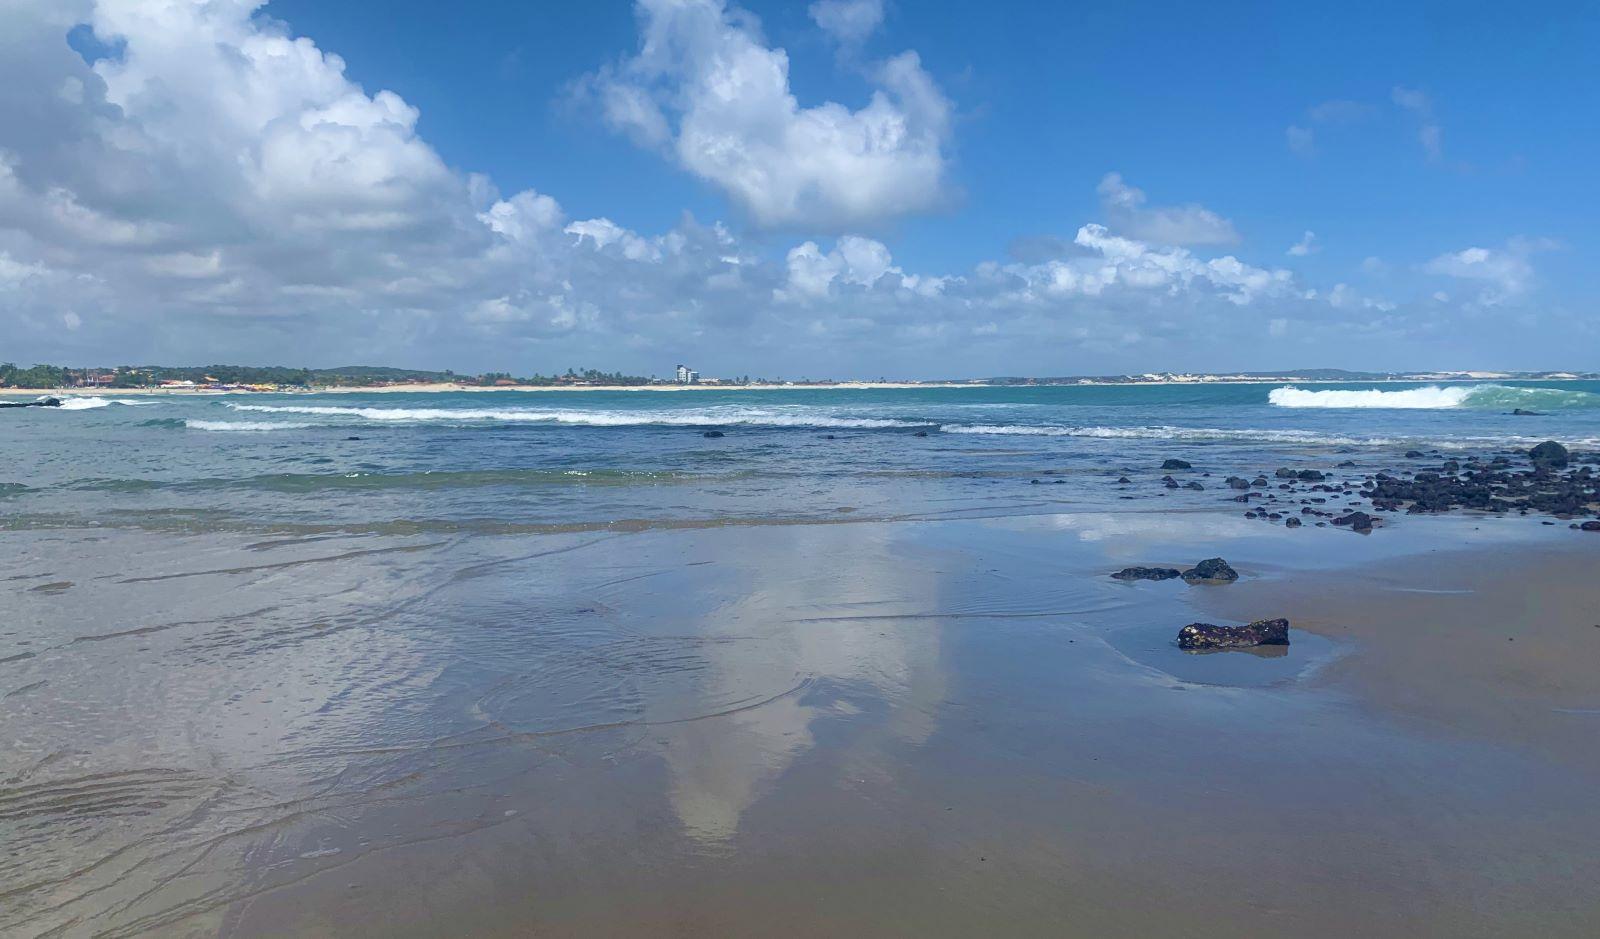 praia com aguas calmas e rochas nas orla